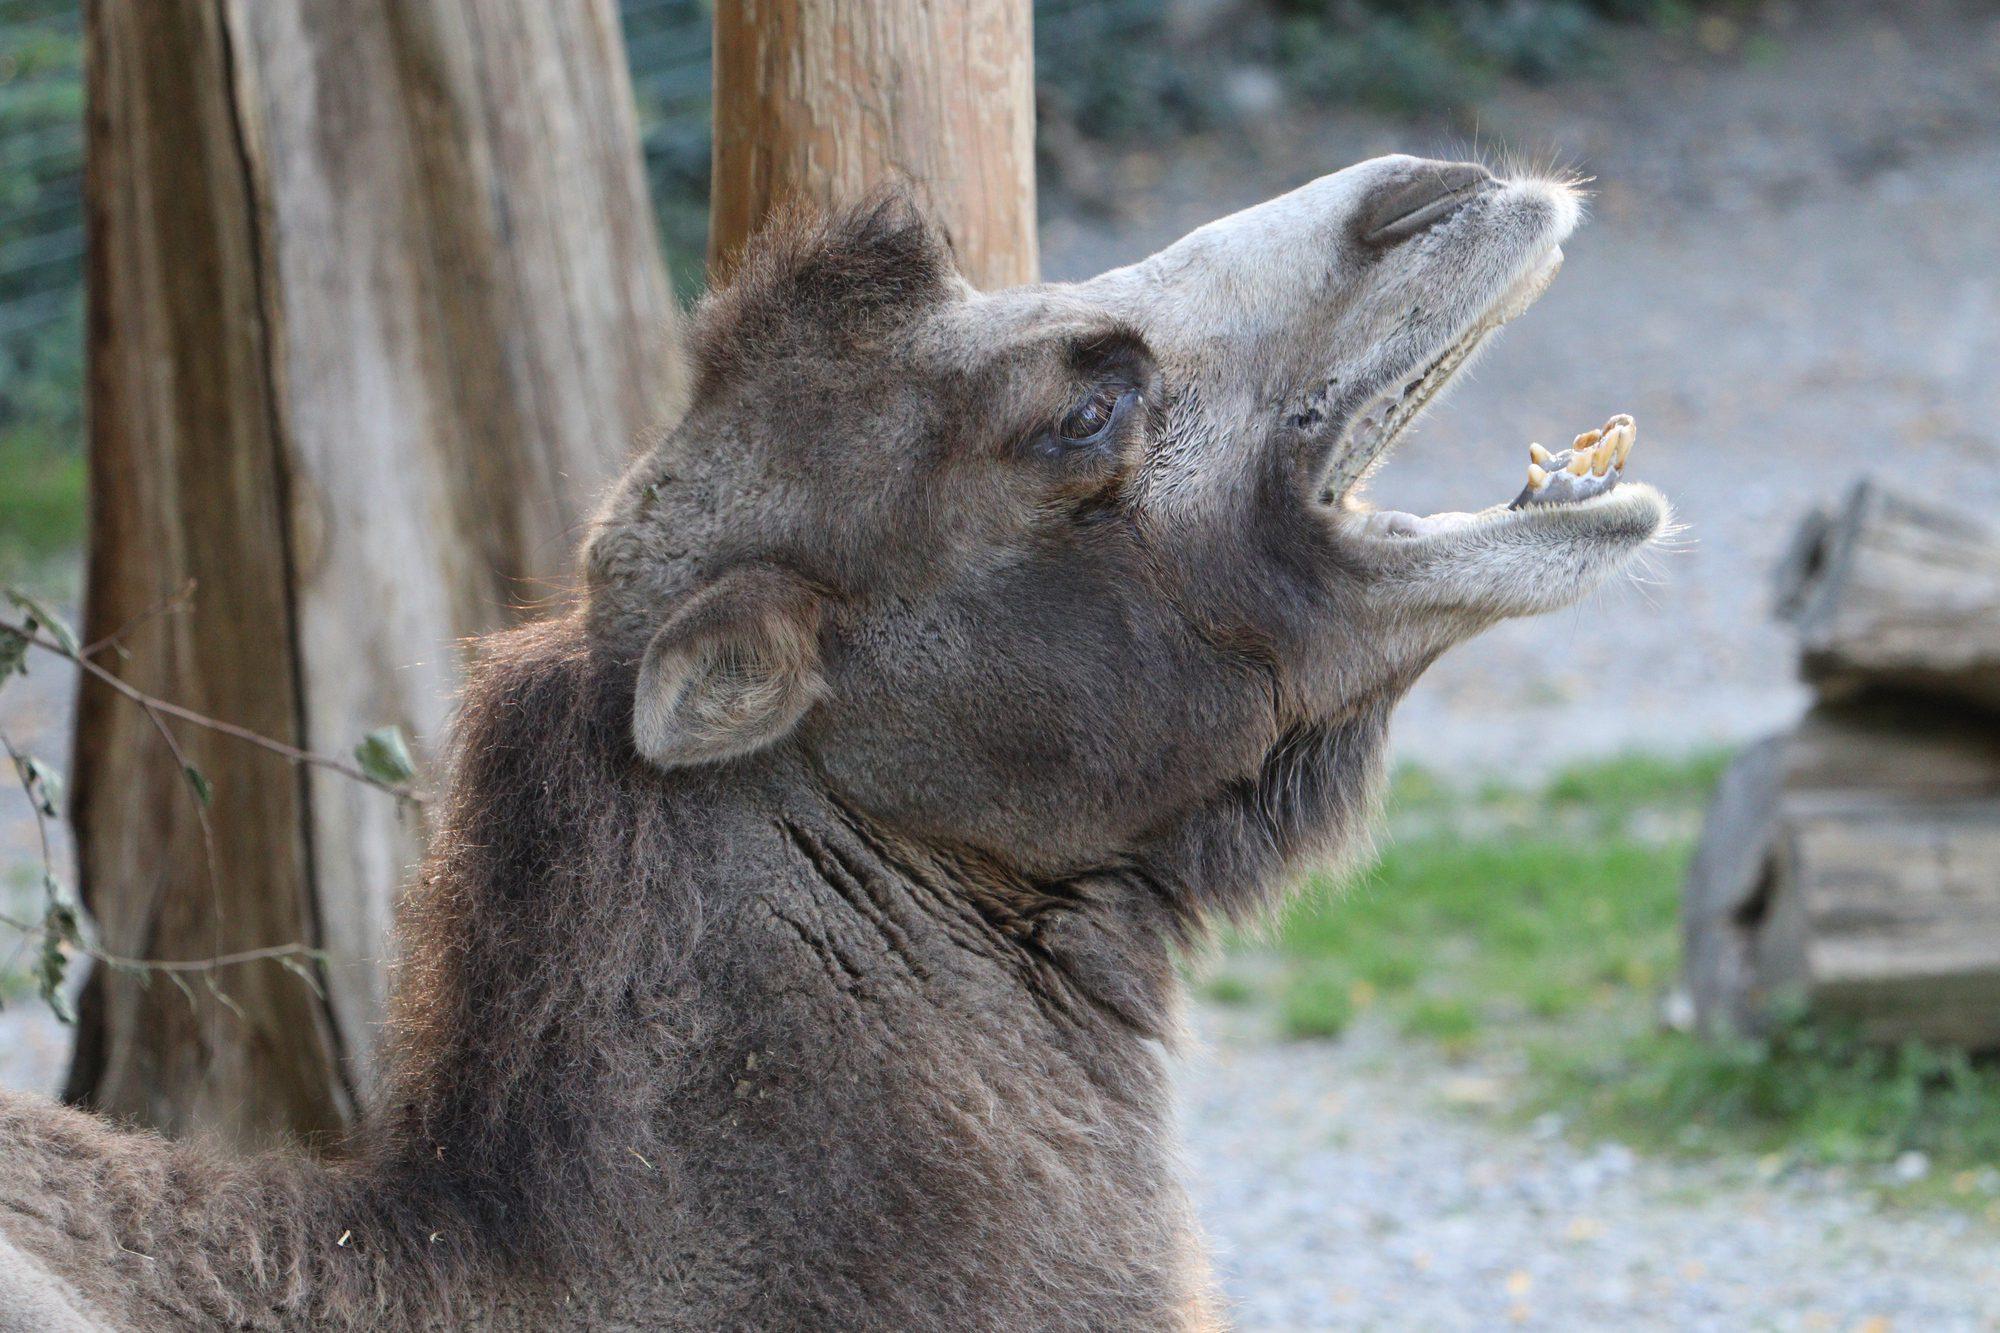 Gähnendes Trampeltier im Zoo Zürich